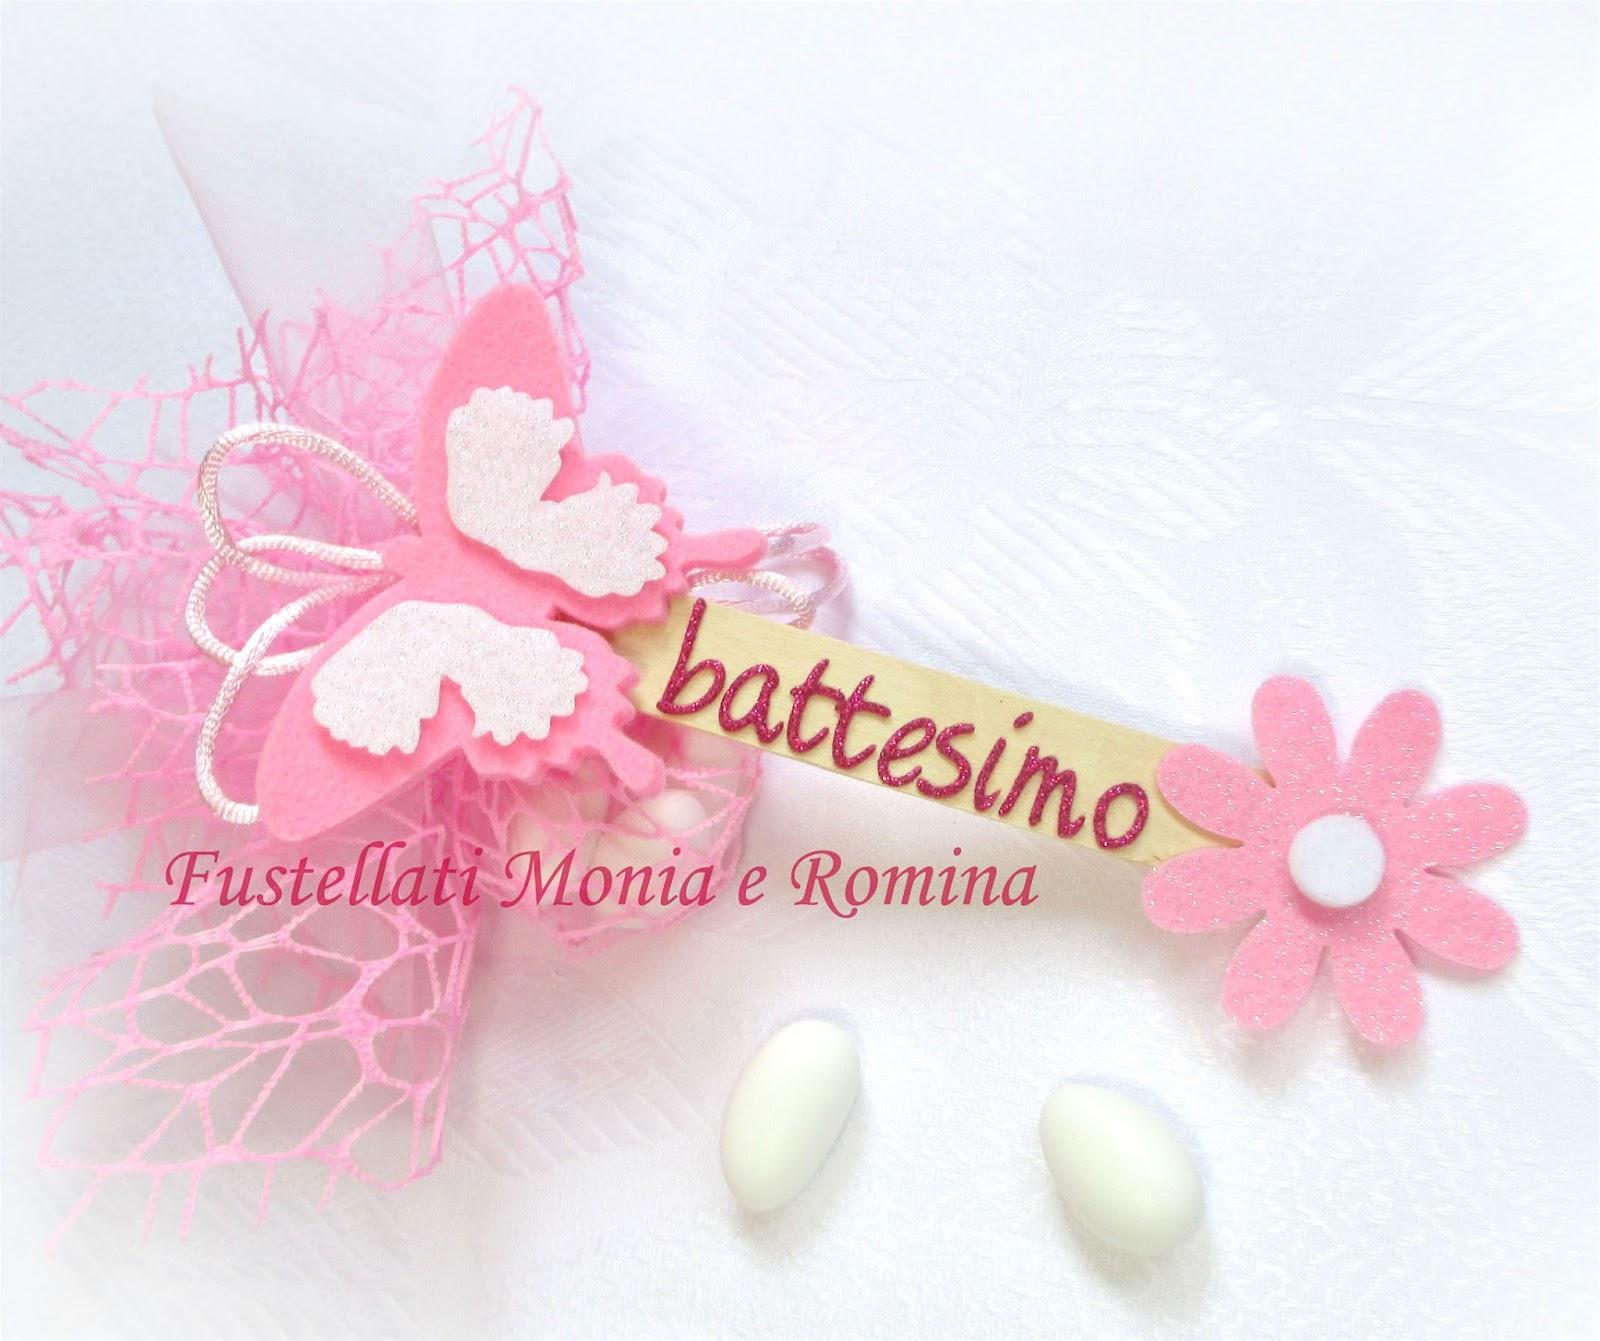 Fustellati monia e romina forme in feltro pannolenci e gomma per creazioni fai da te 10 - Decorazioni battesimo fai da te ...